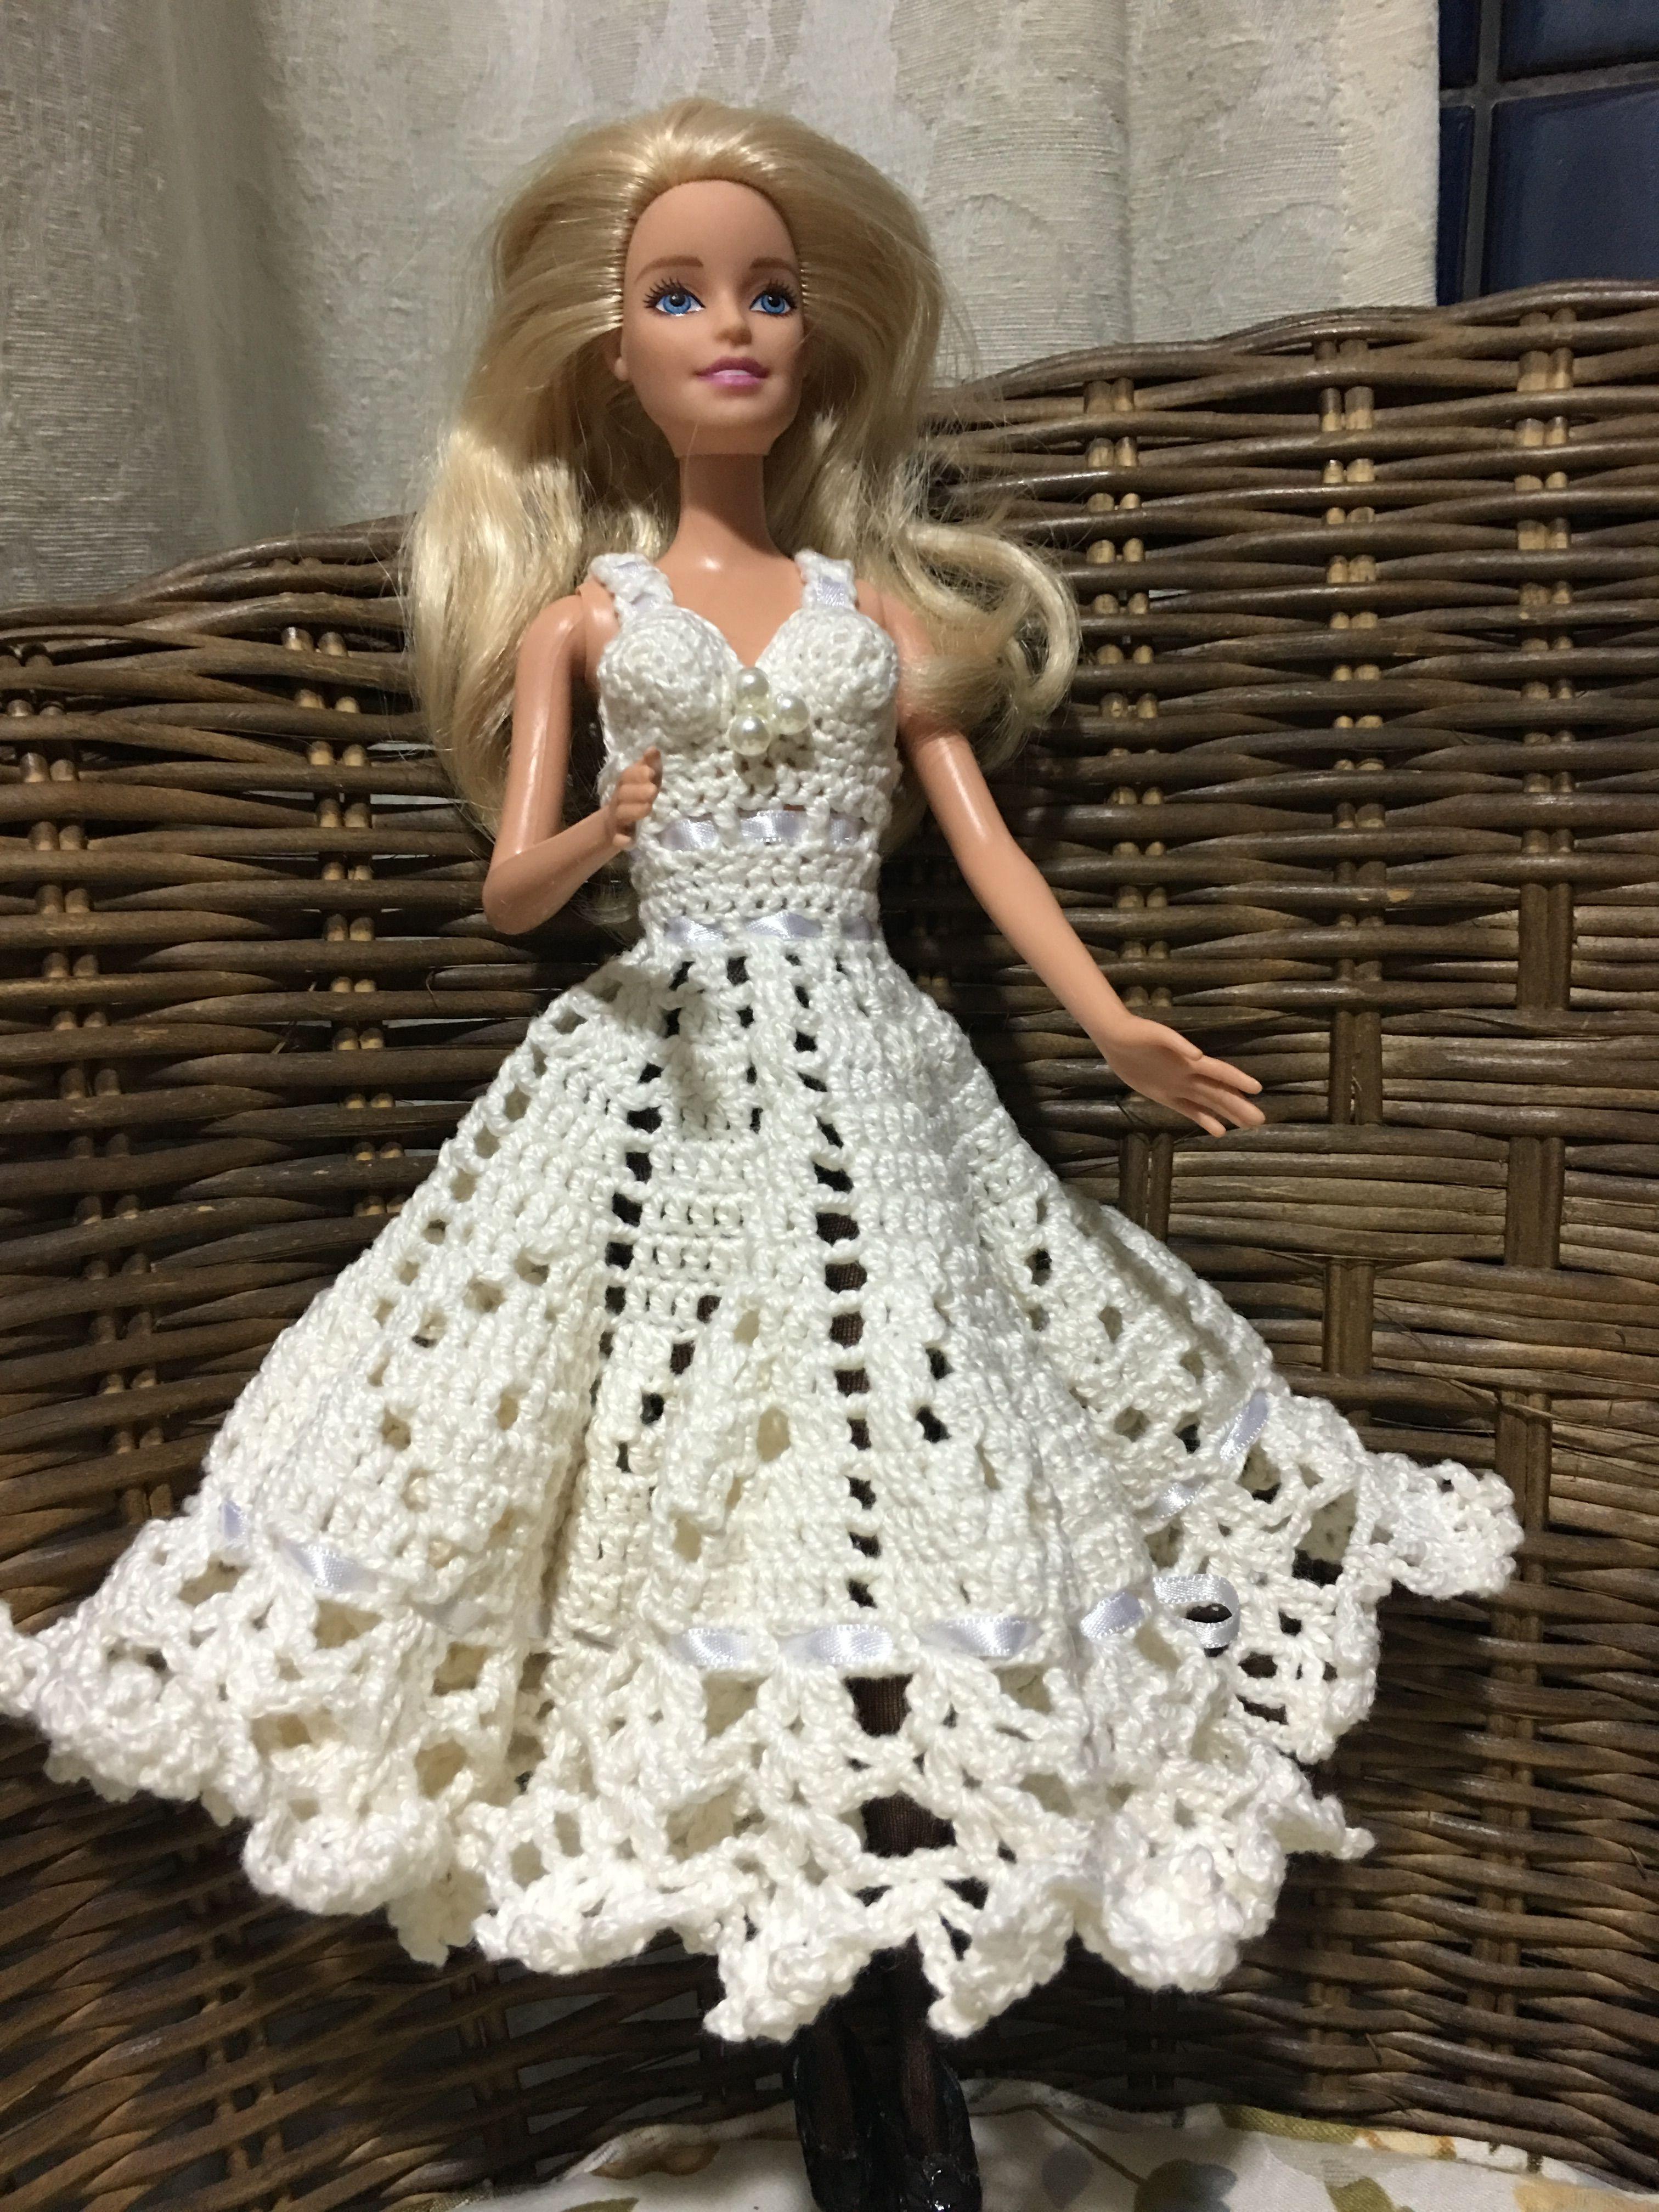 Pin von Bonnie Parsons auf Crochet Toys Barbie Clothes   Pinterest ...